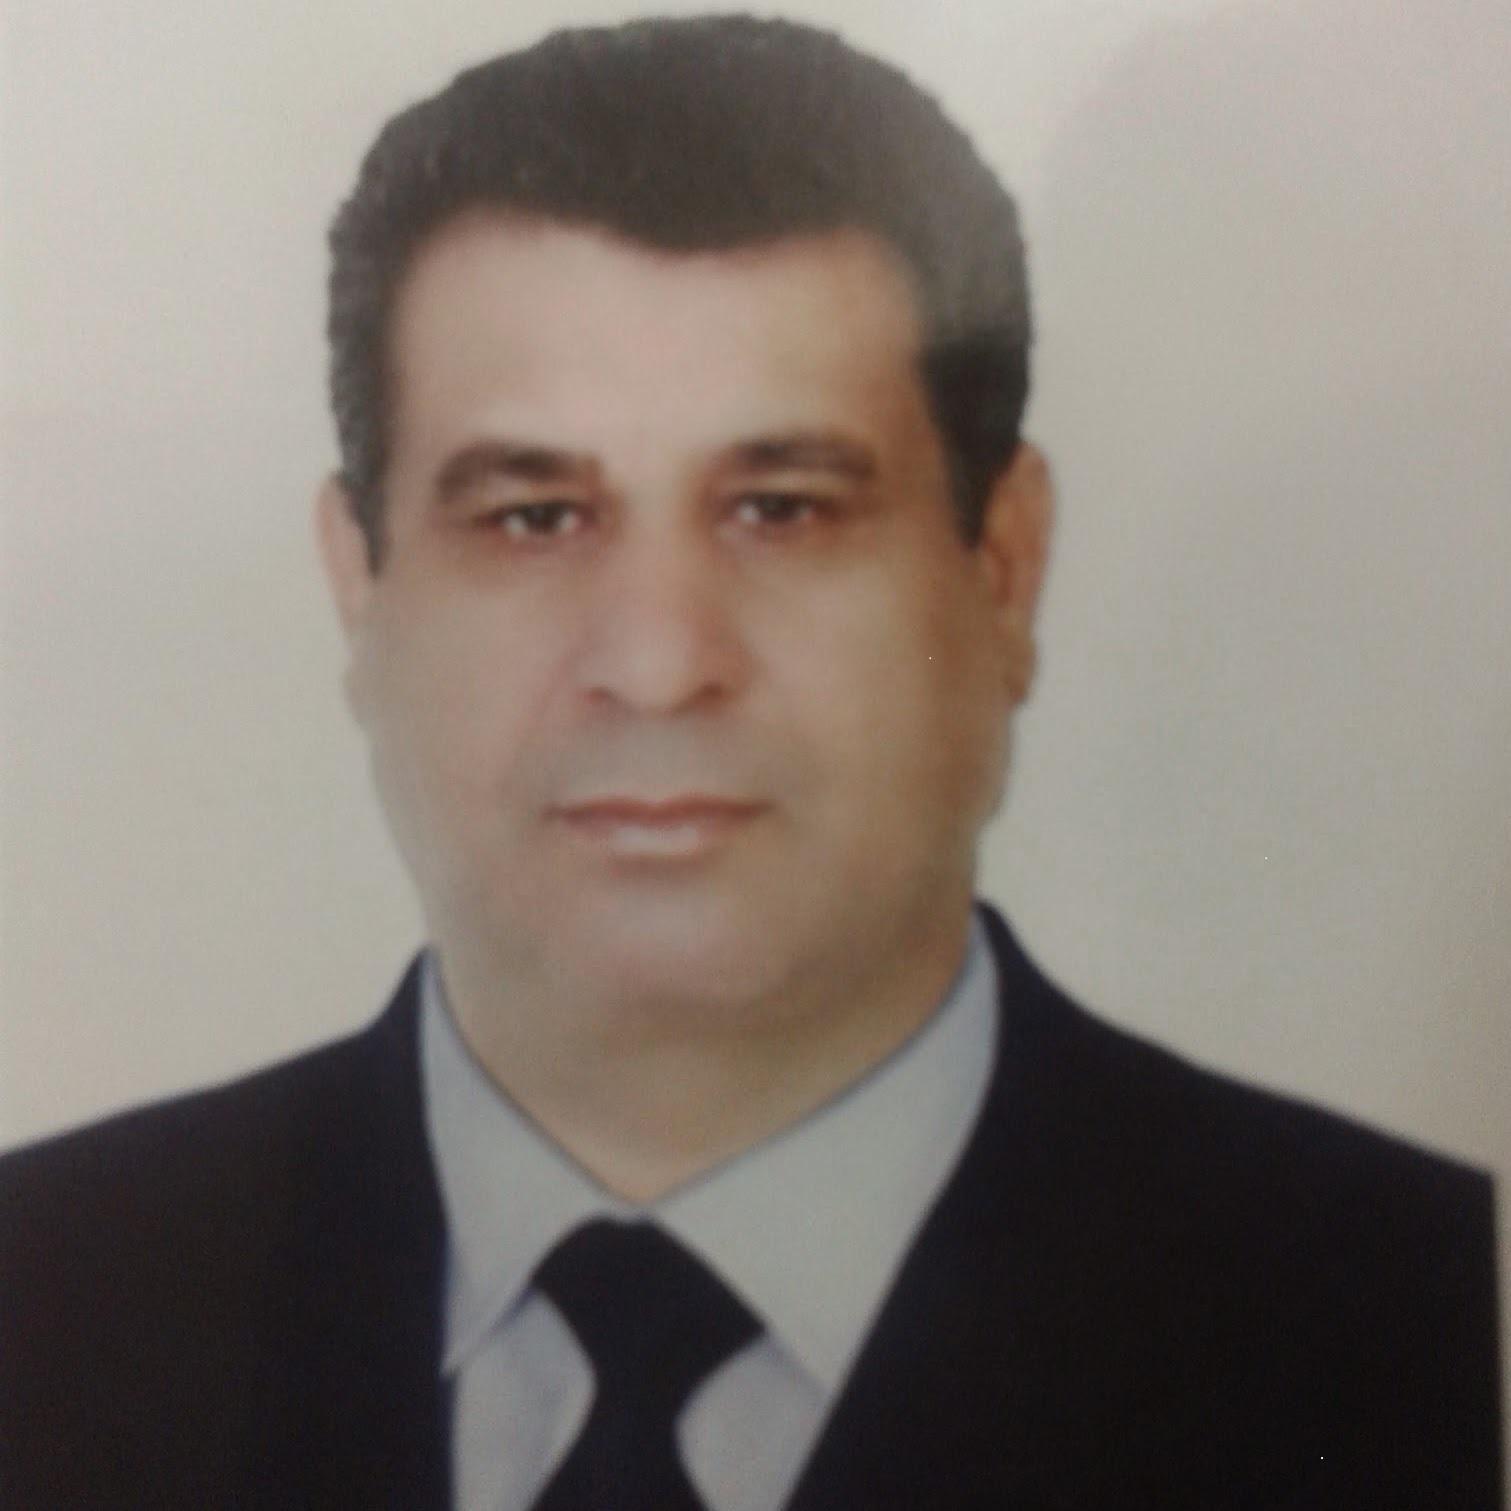 Ali Hussien Amteghy Aziz